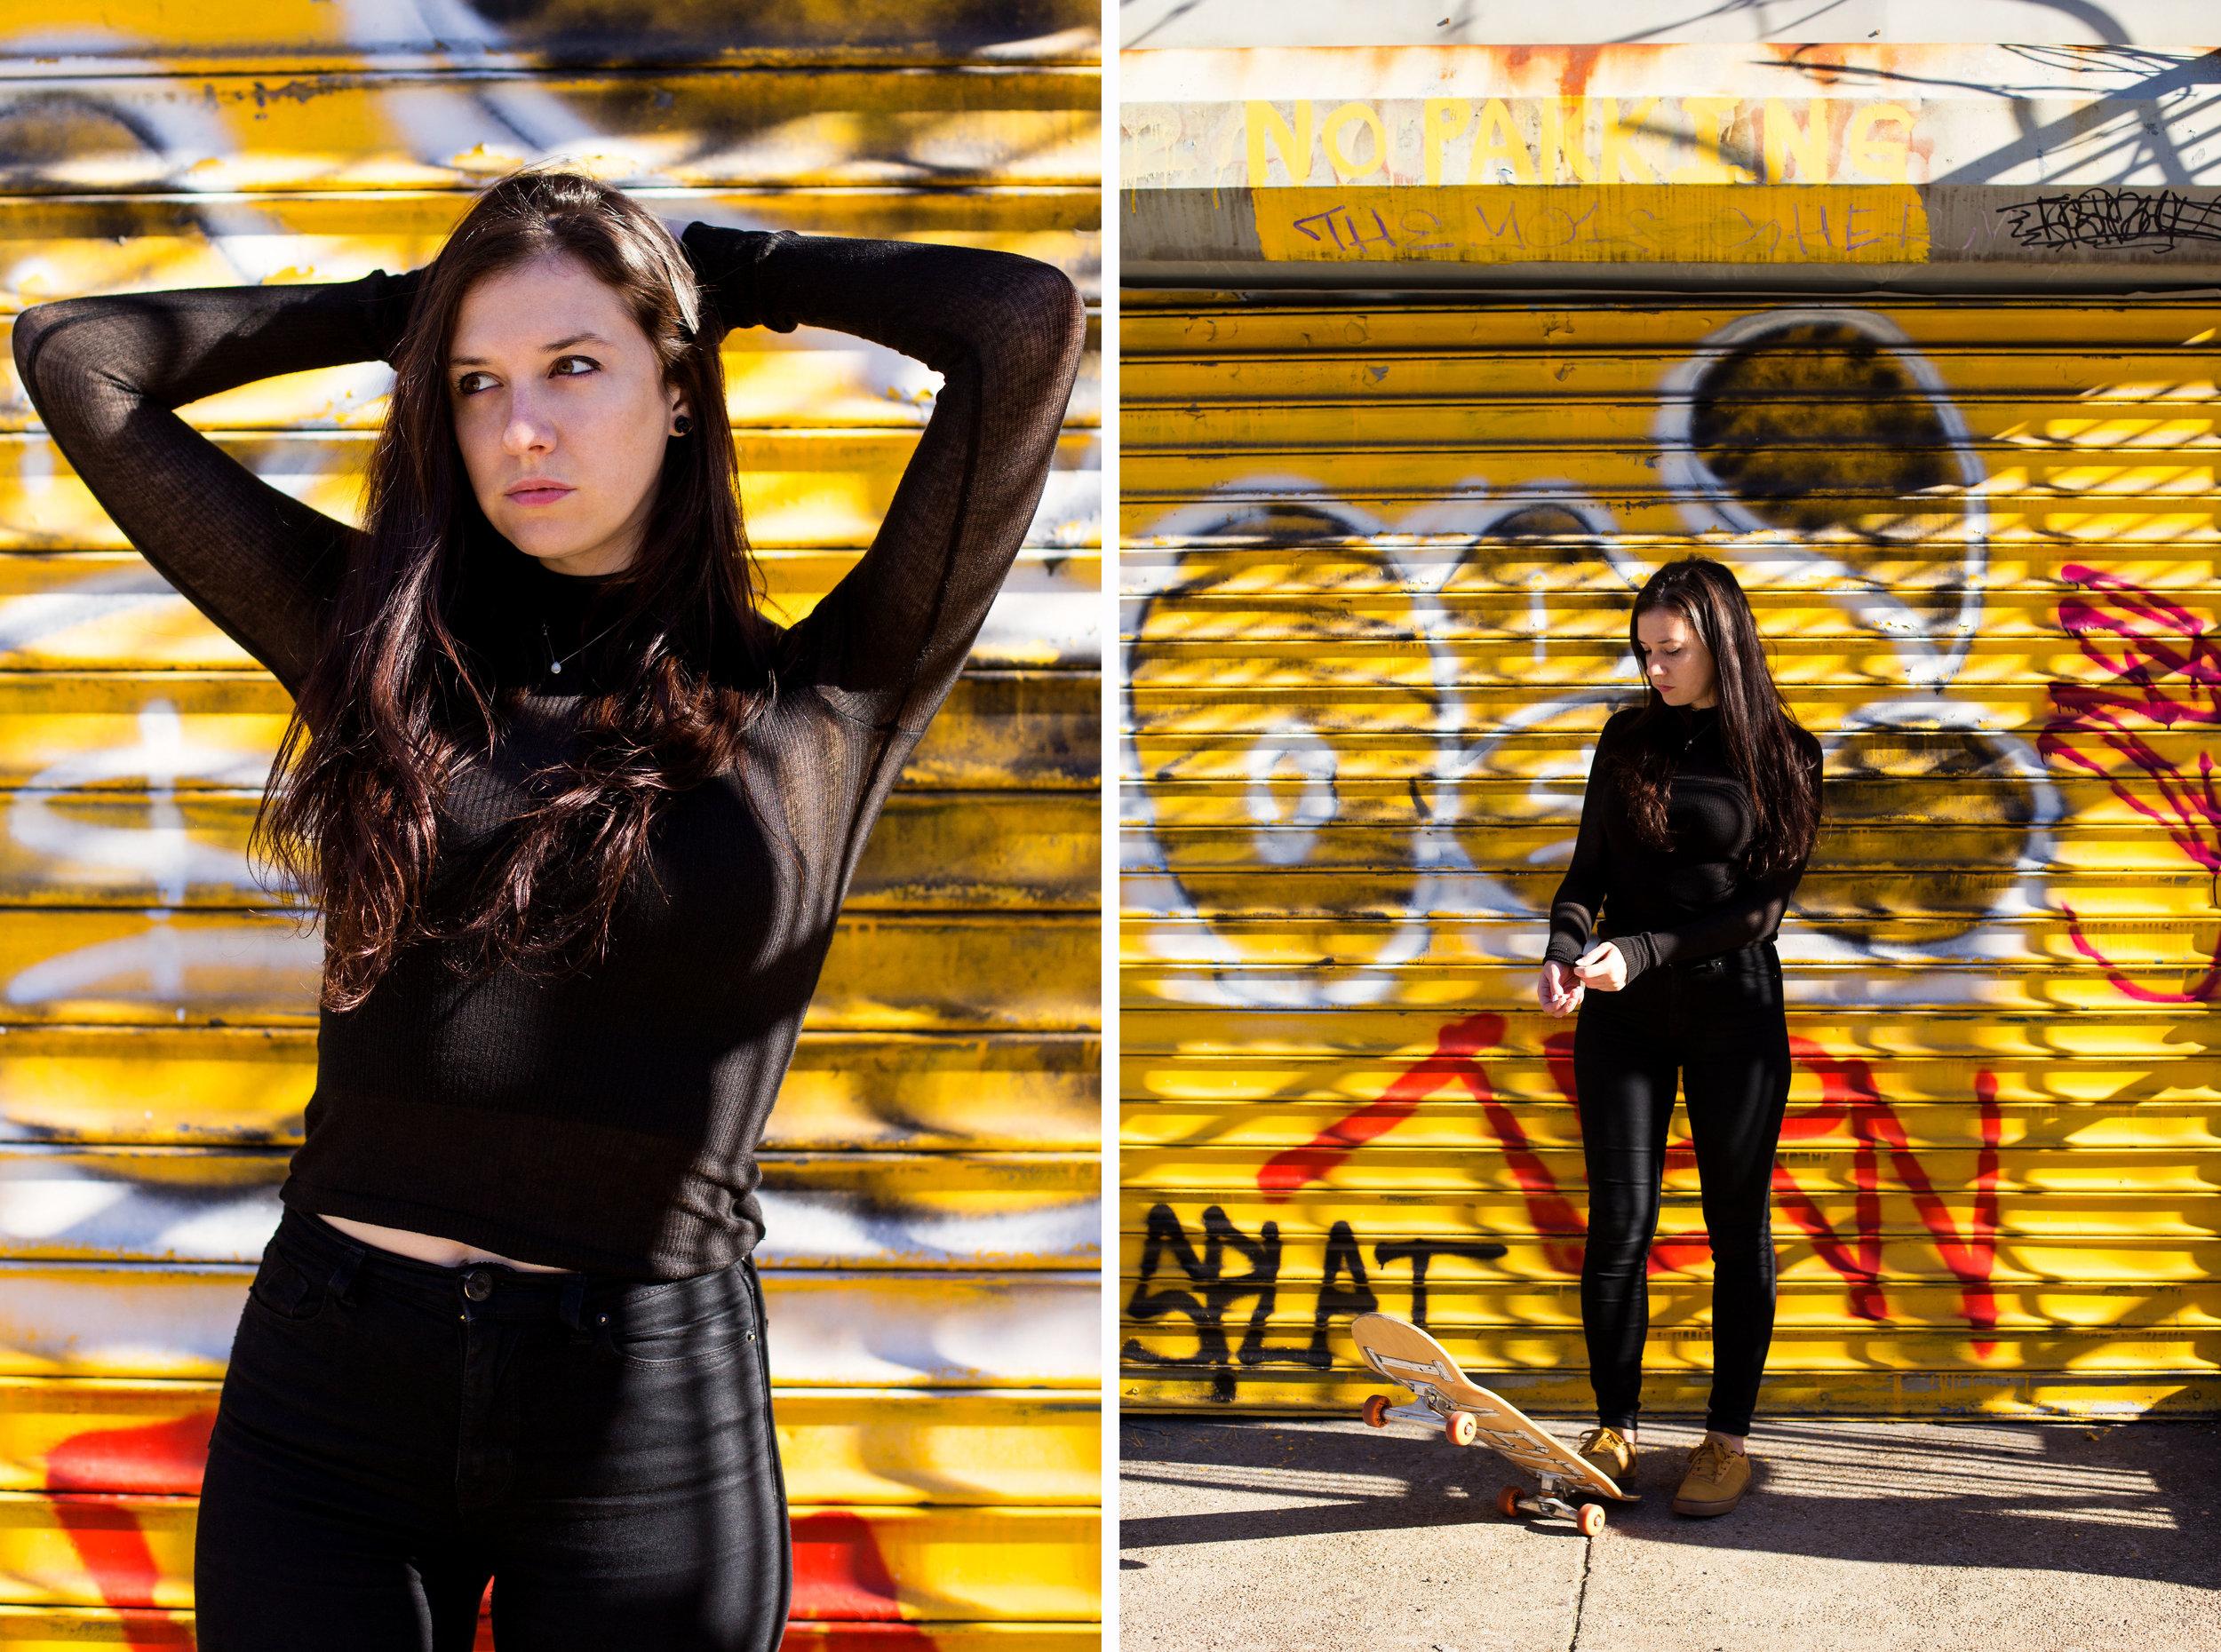 2016-10-10 STYLE Emma Wasielke Diptych 2.jpg